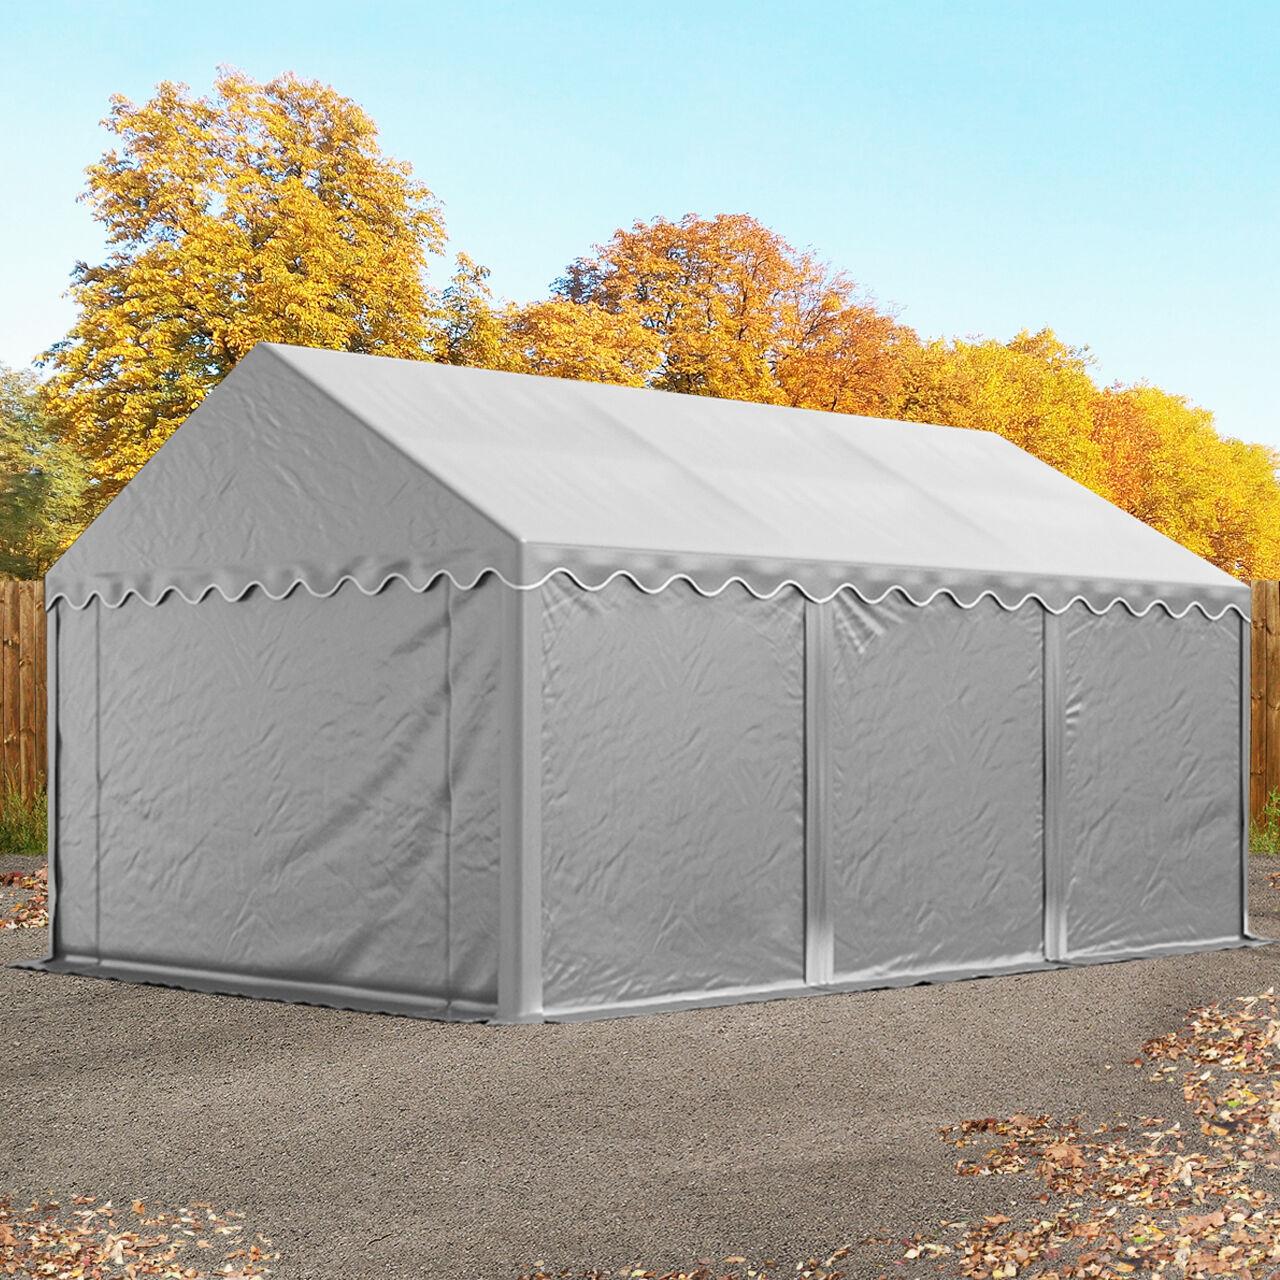 toolport tende capannone 4x6m pvc 500 g/m² grigio sì